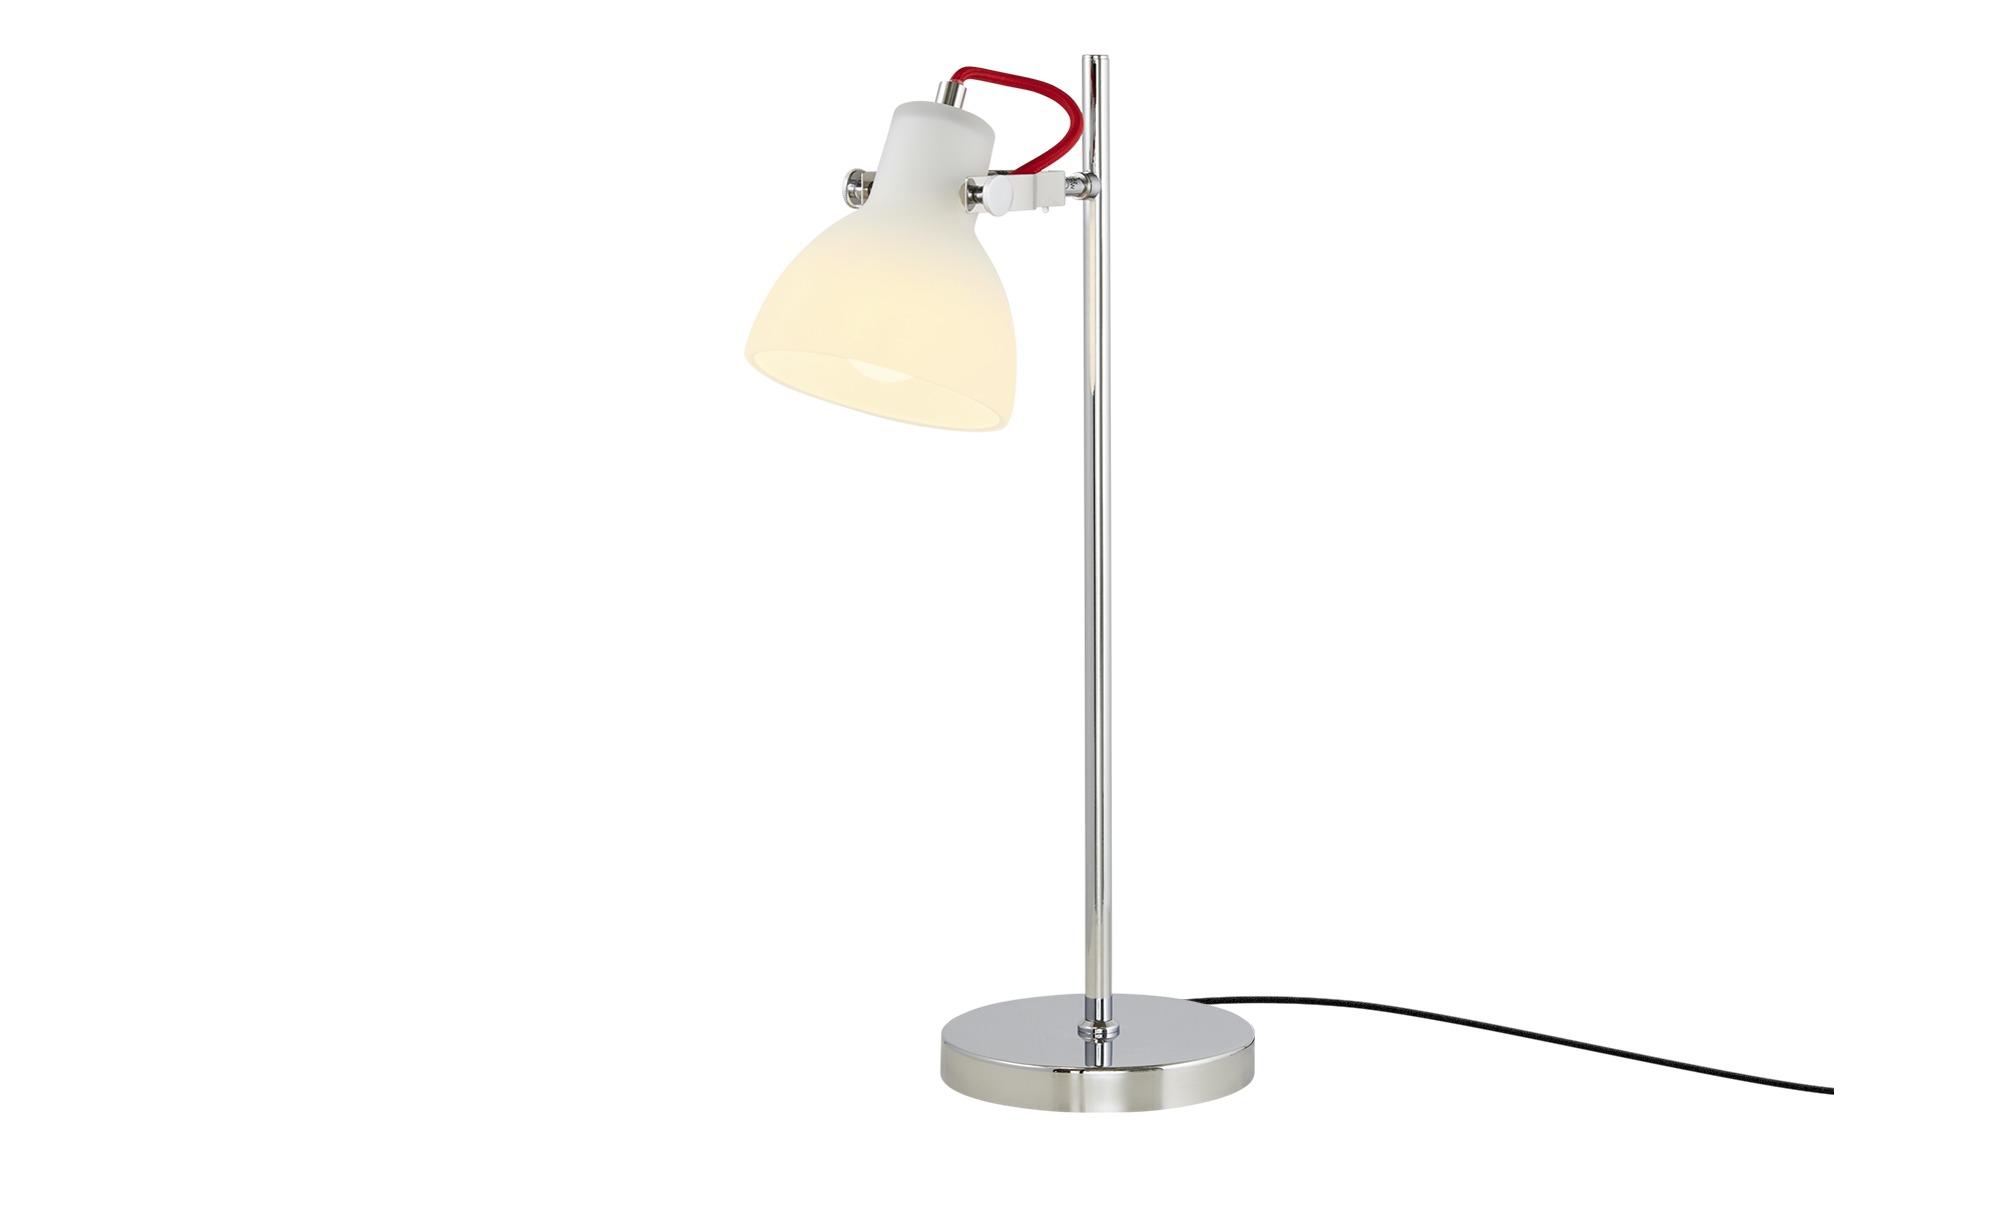 KHG Tischleuchte, 1-flammig, chrom ¦ silber ¦ Maße (cm): B: 15 H: 51,5 Lampen & Leuchten > Innenleuchten > Tischlampen - Höffner